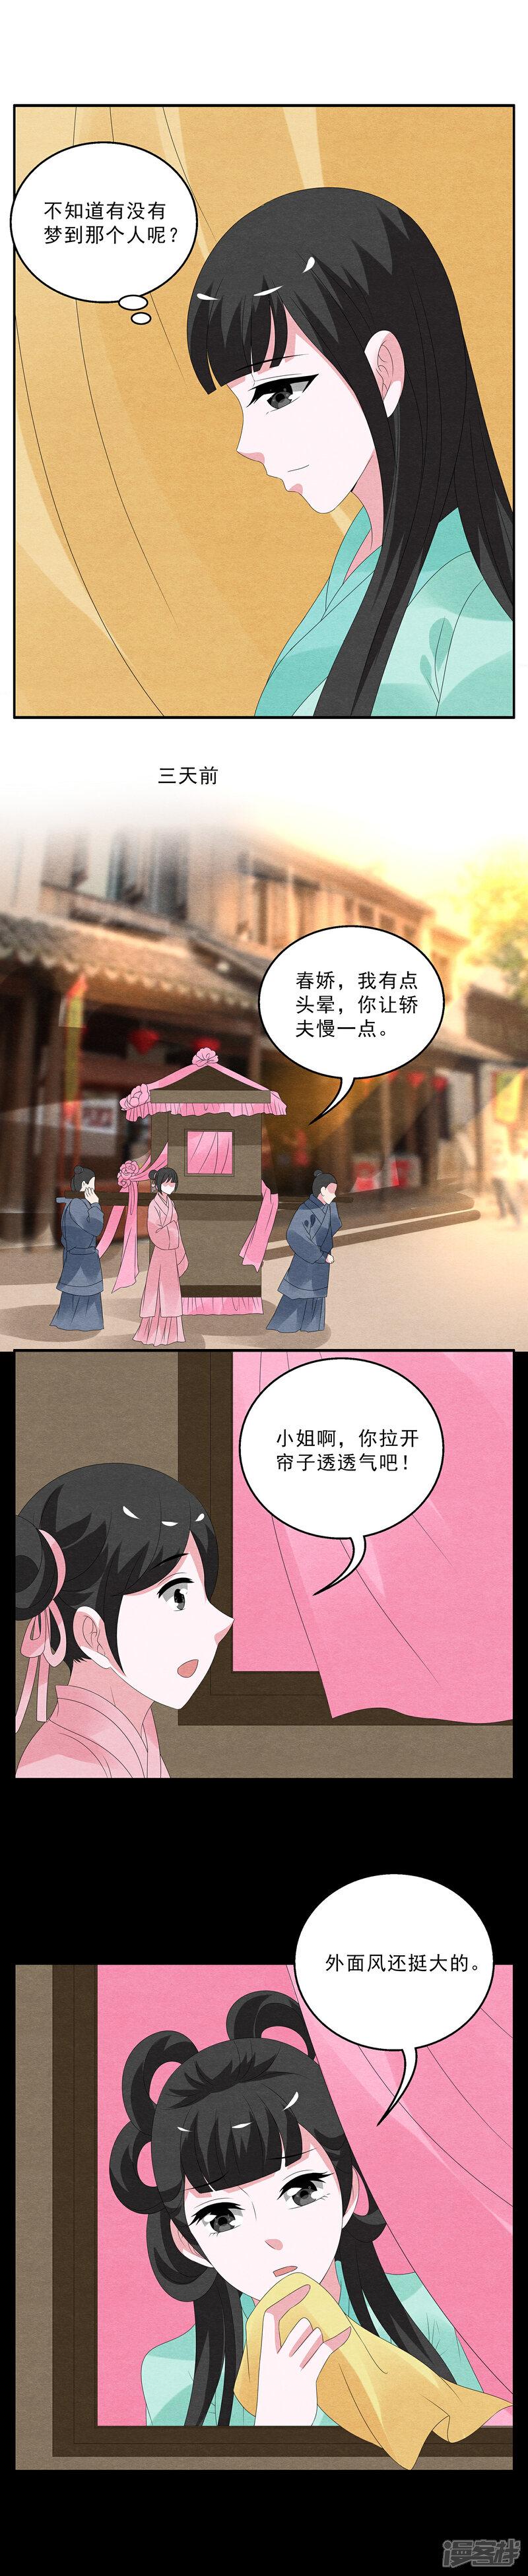 洛小妖127 (6).JPG